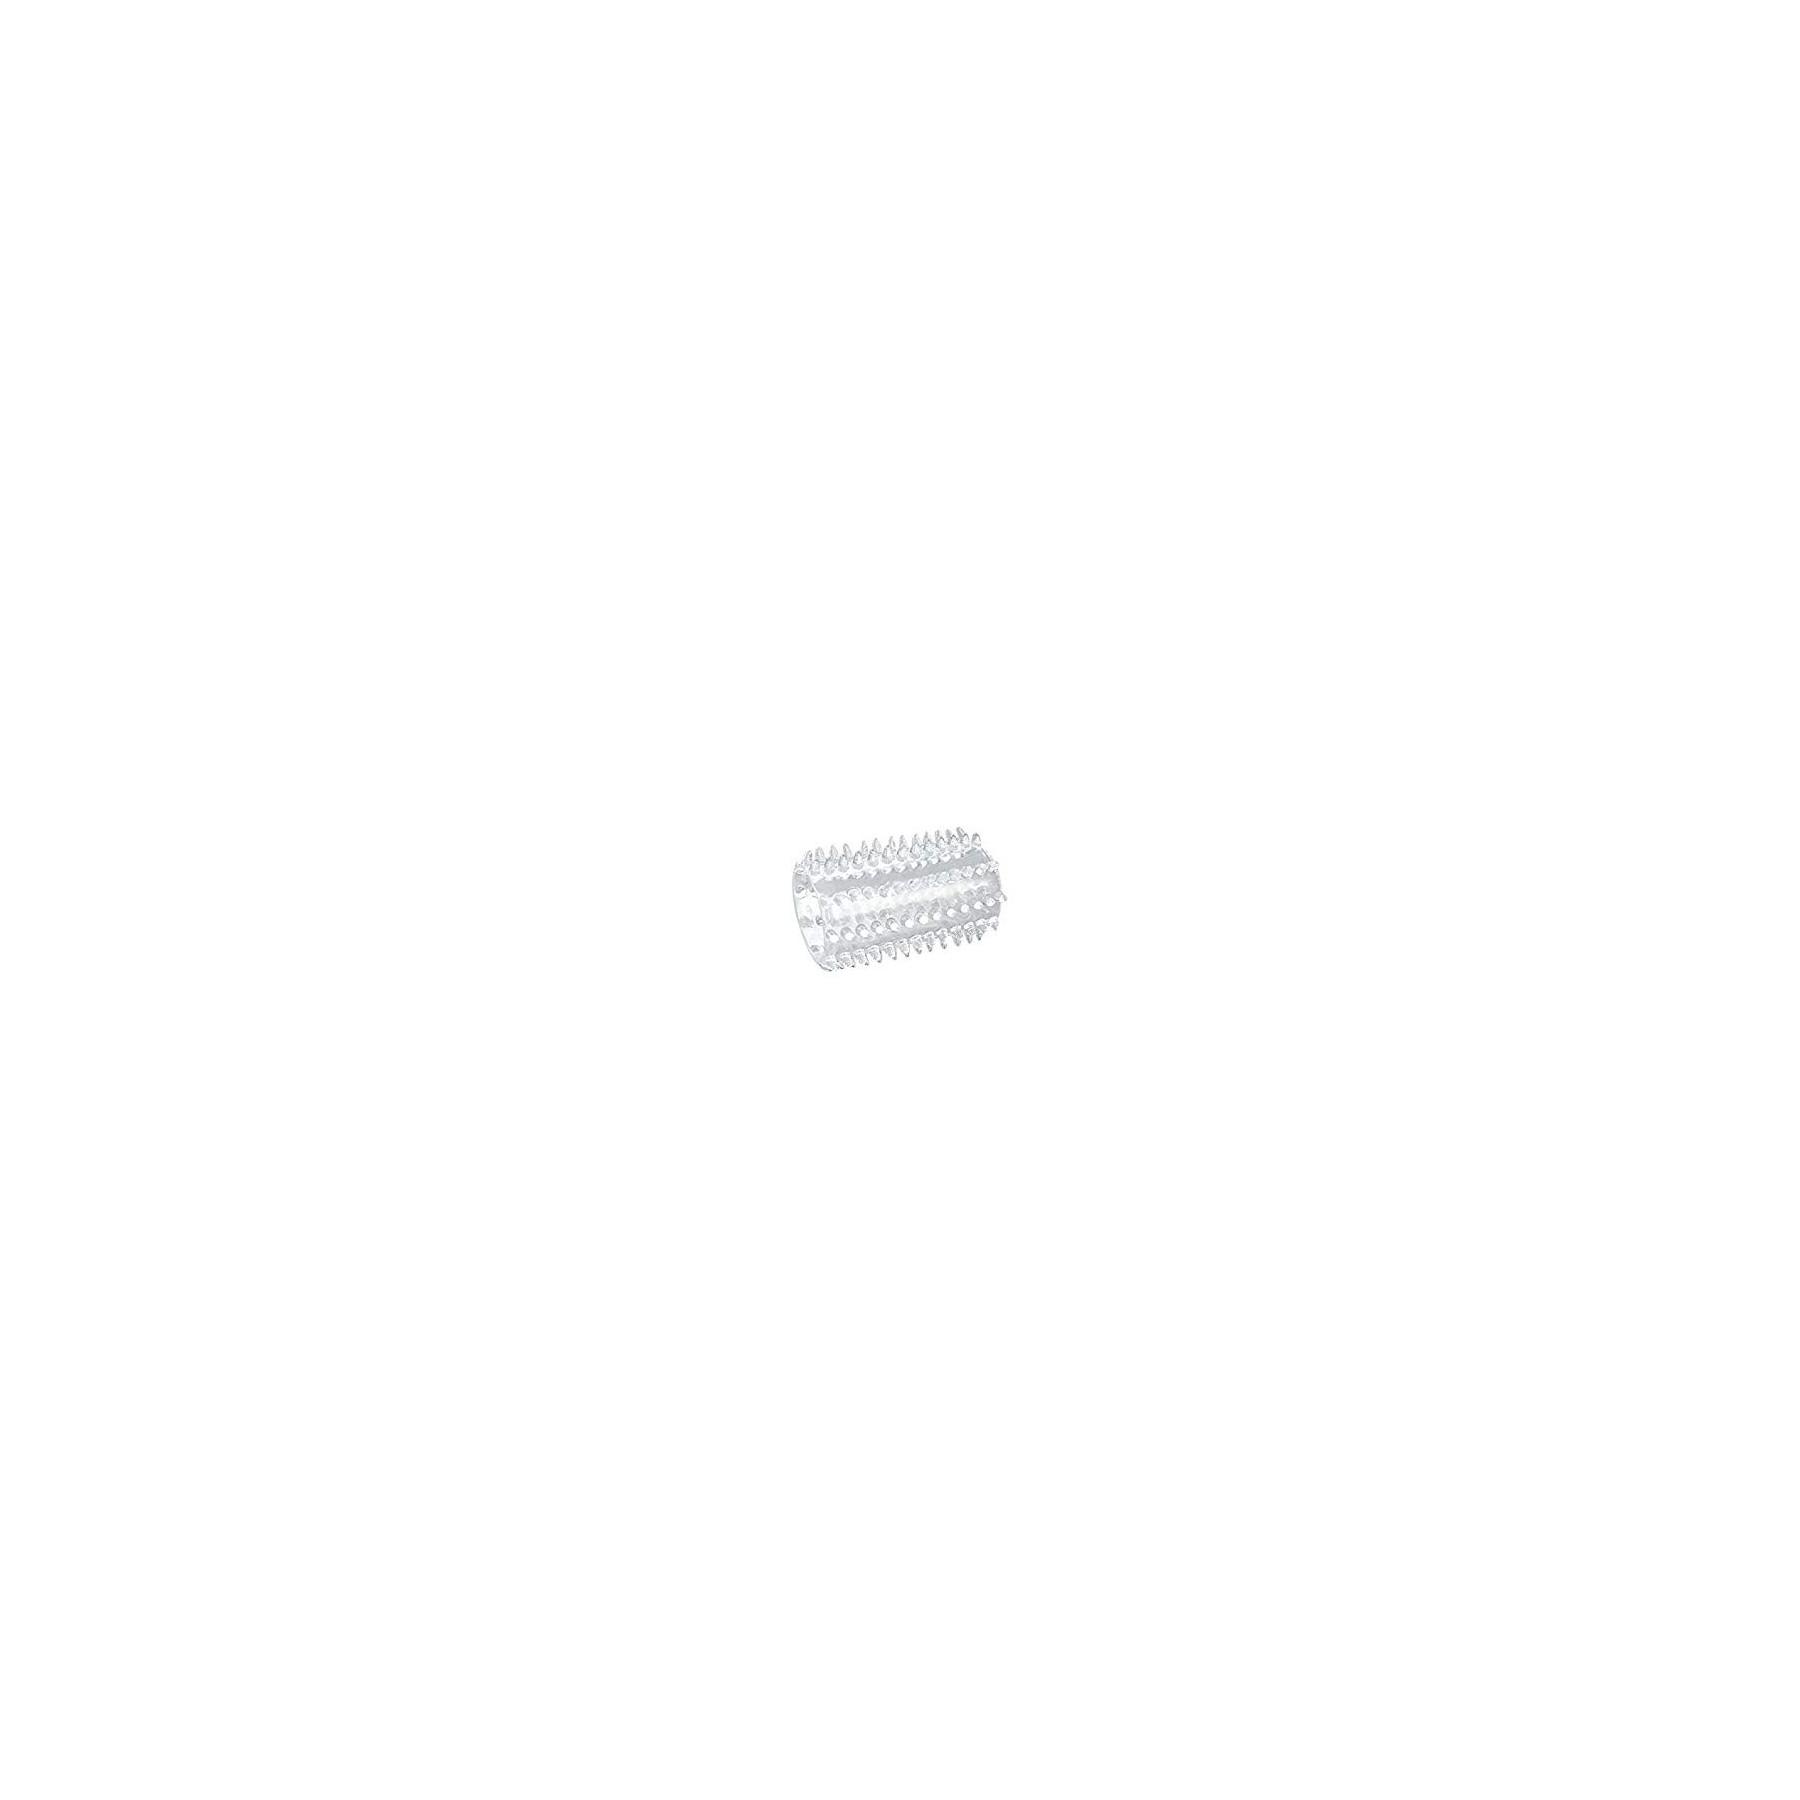 Extasy ring anello con rilievi stimolanti